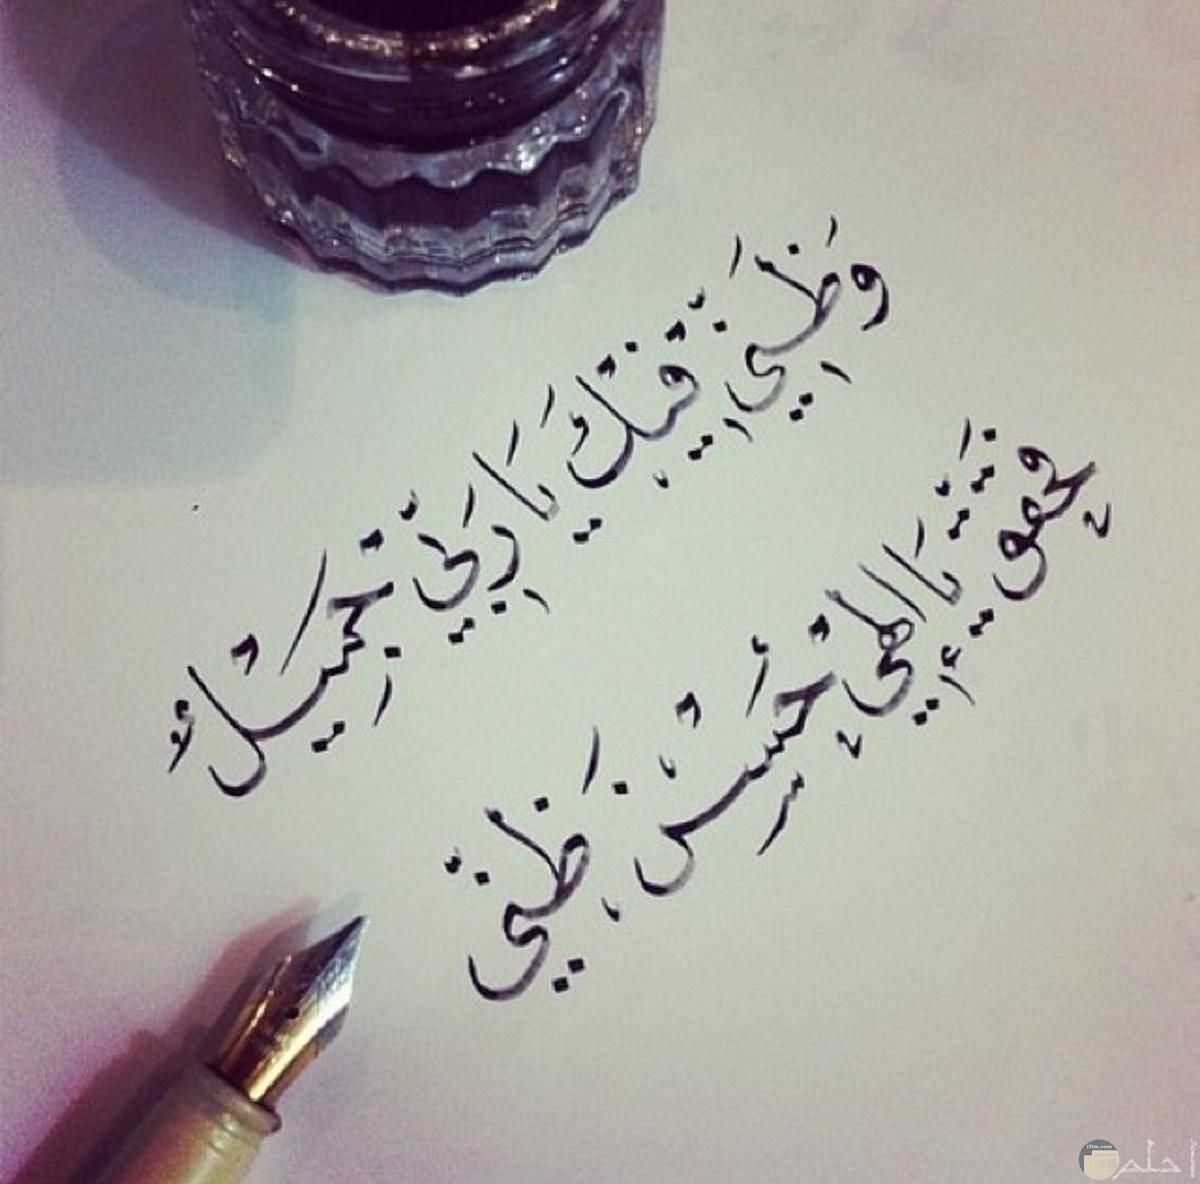 صور دينية انستغرام حسن الظن بالله